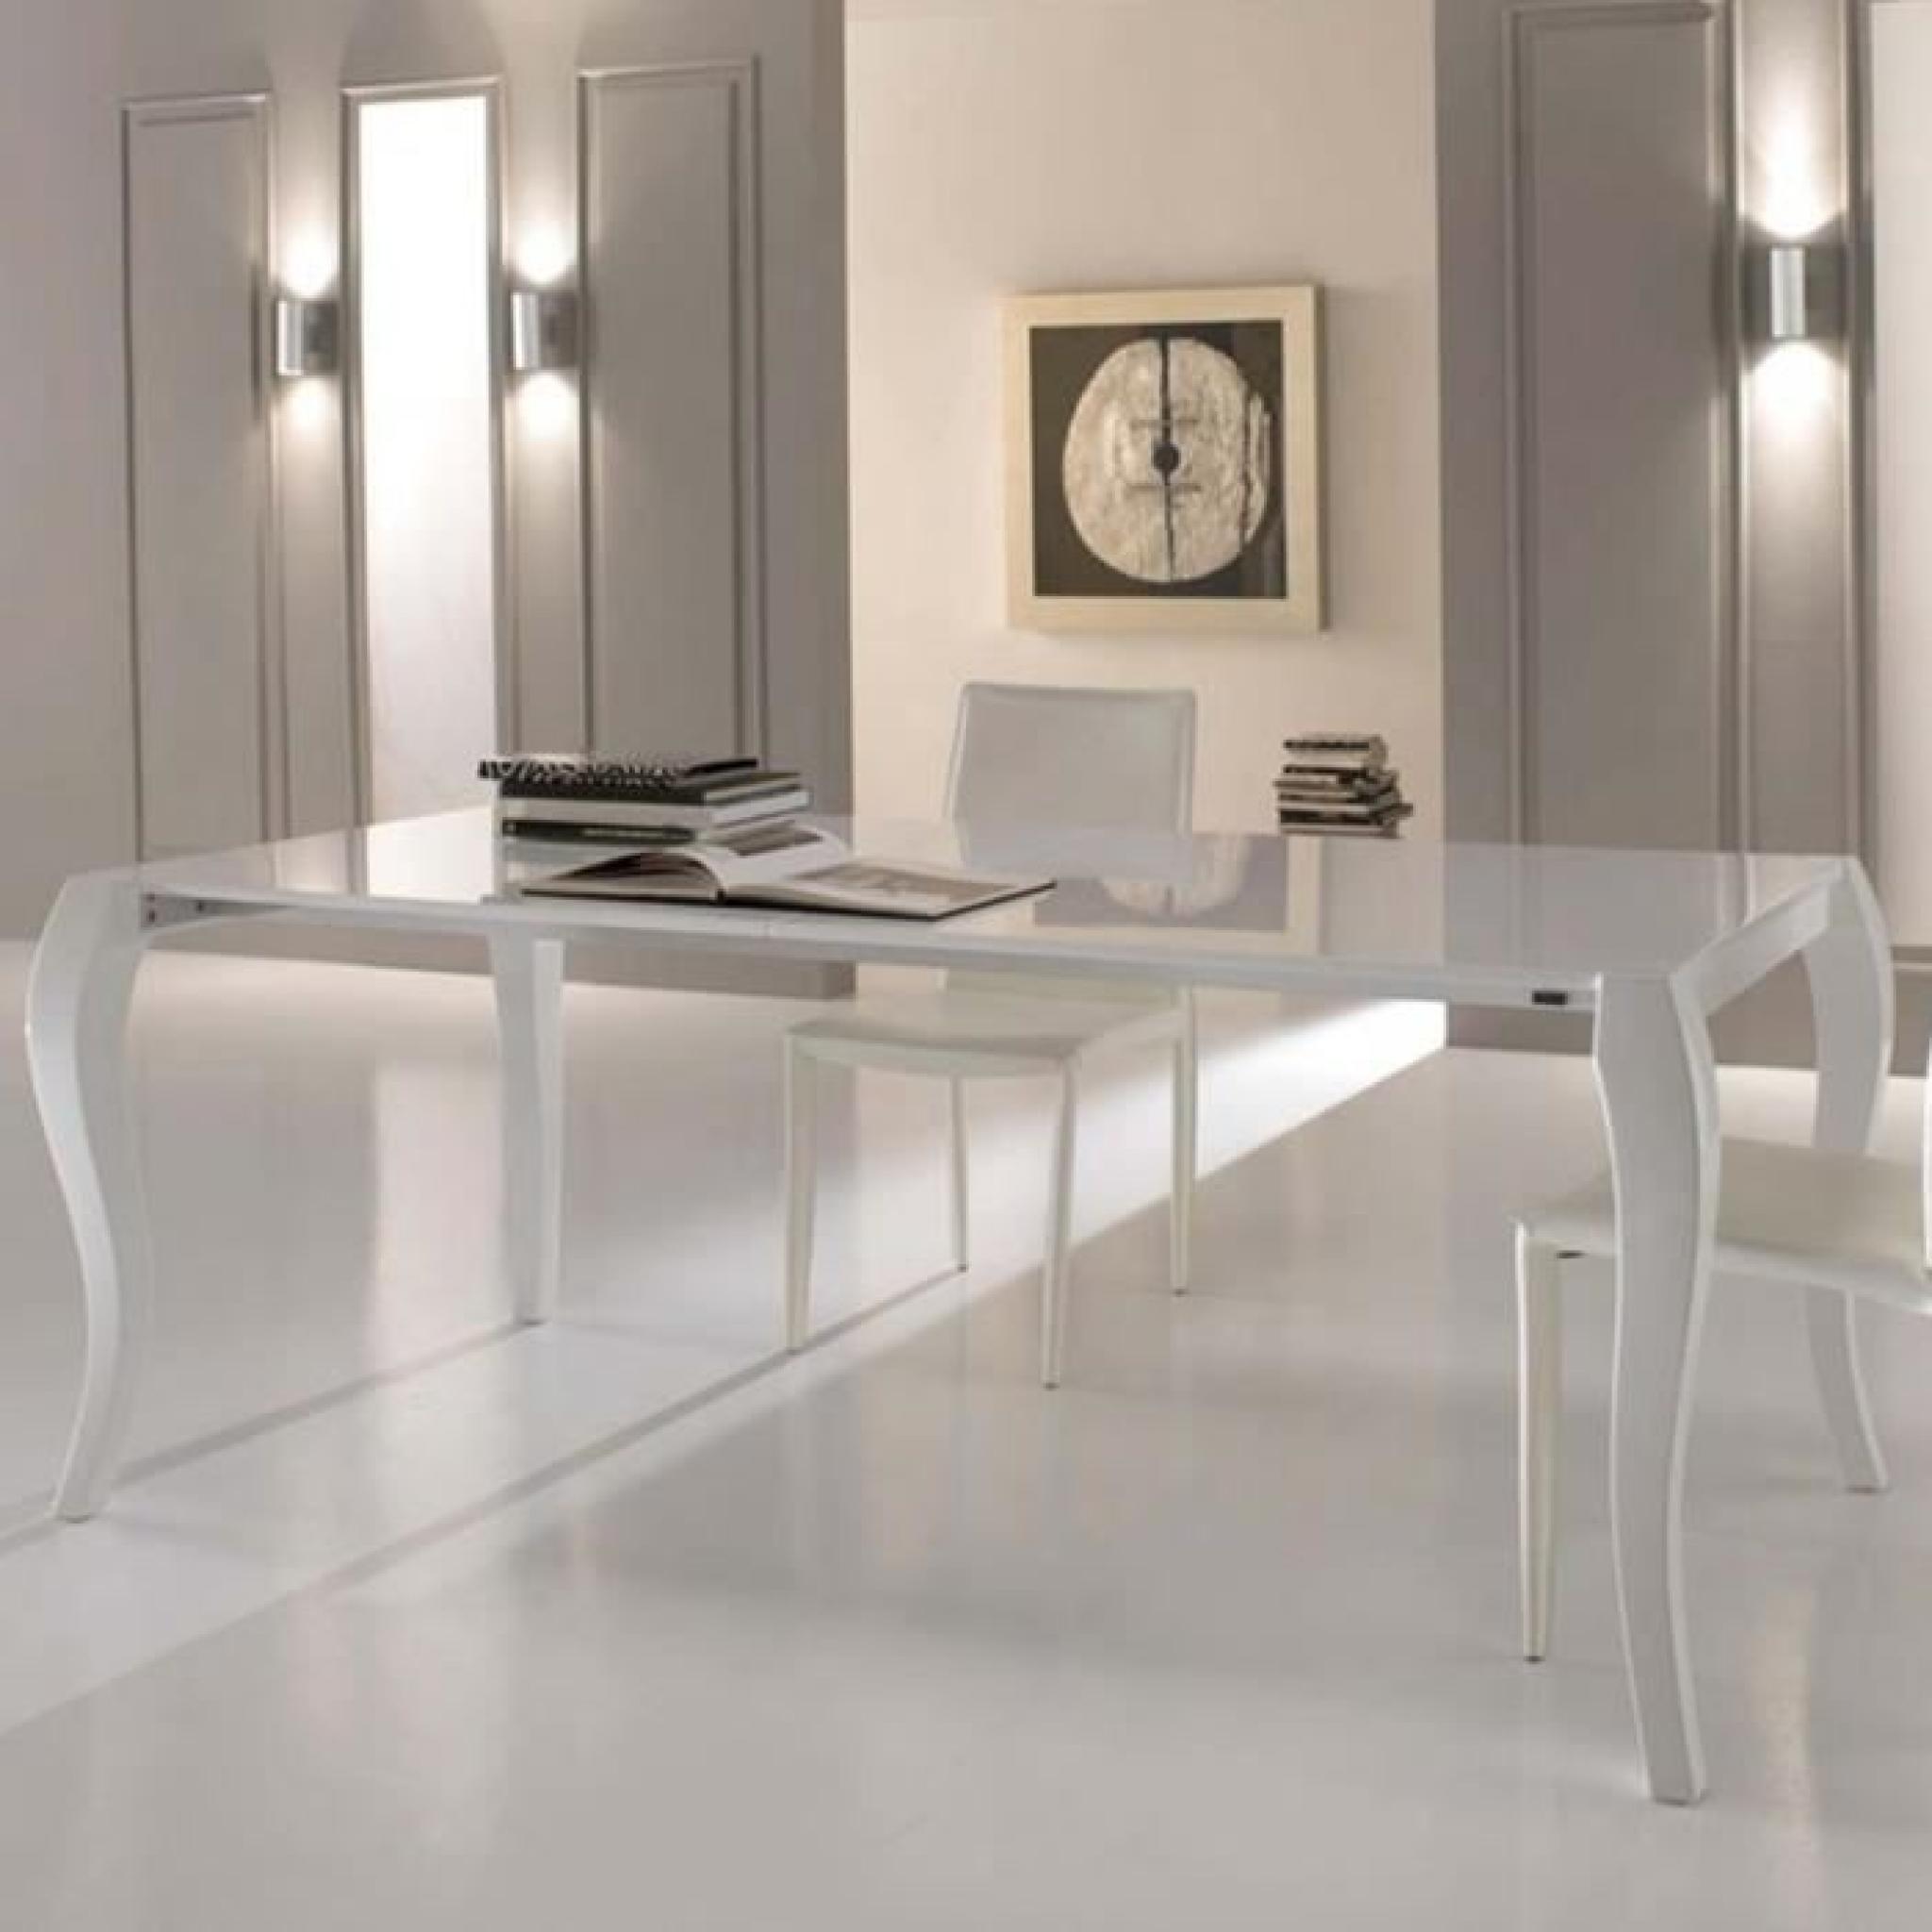 table de salle manger extensible en bois shining l170 200 230xla90xh76cm achat vente table. Black Bedroom Furniture Sets. Home Design Ideas